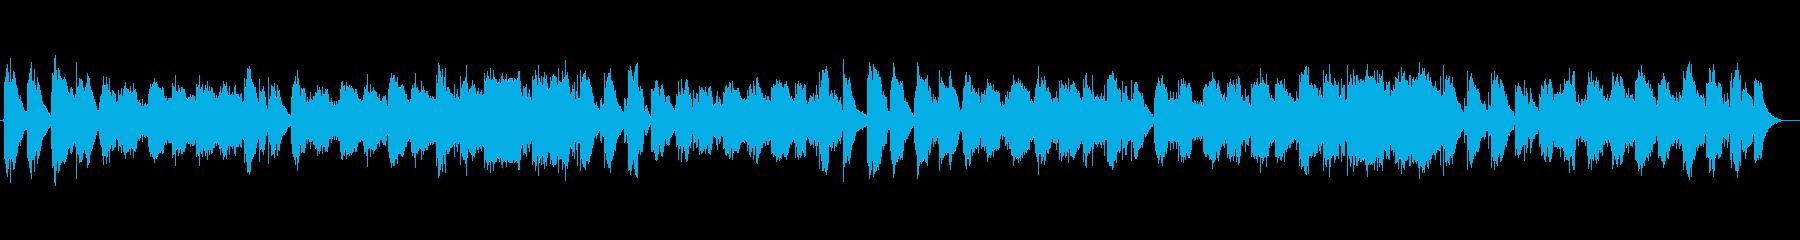 心地よいリラクゼーションミュージックの再生済みの波形